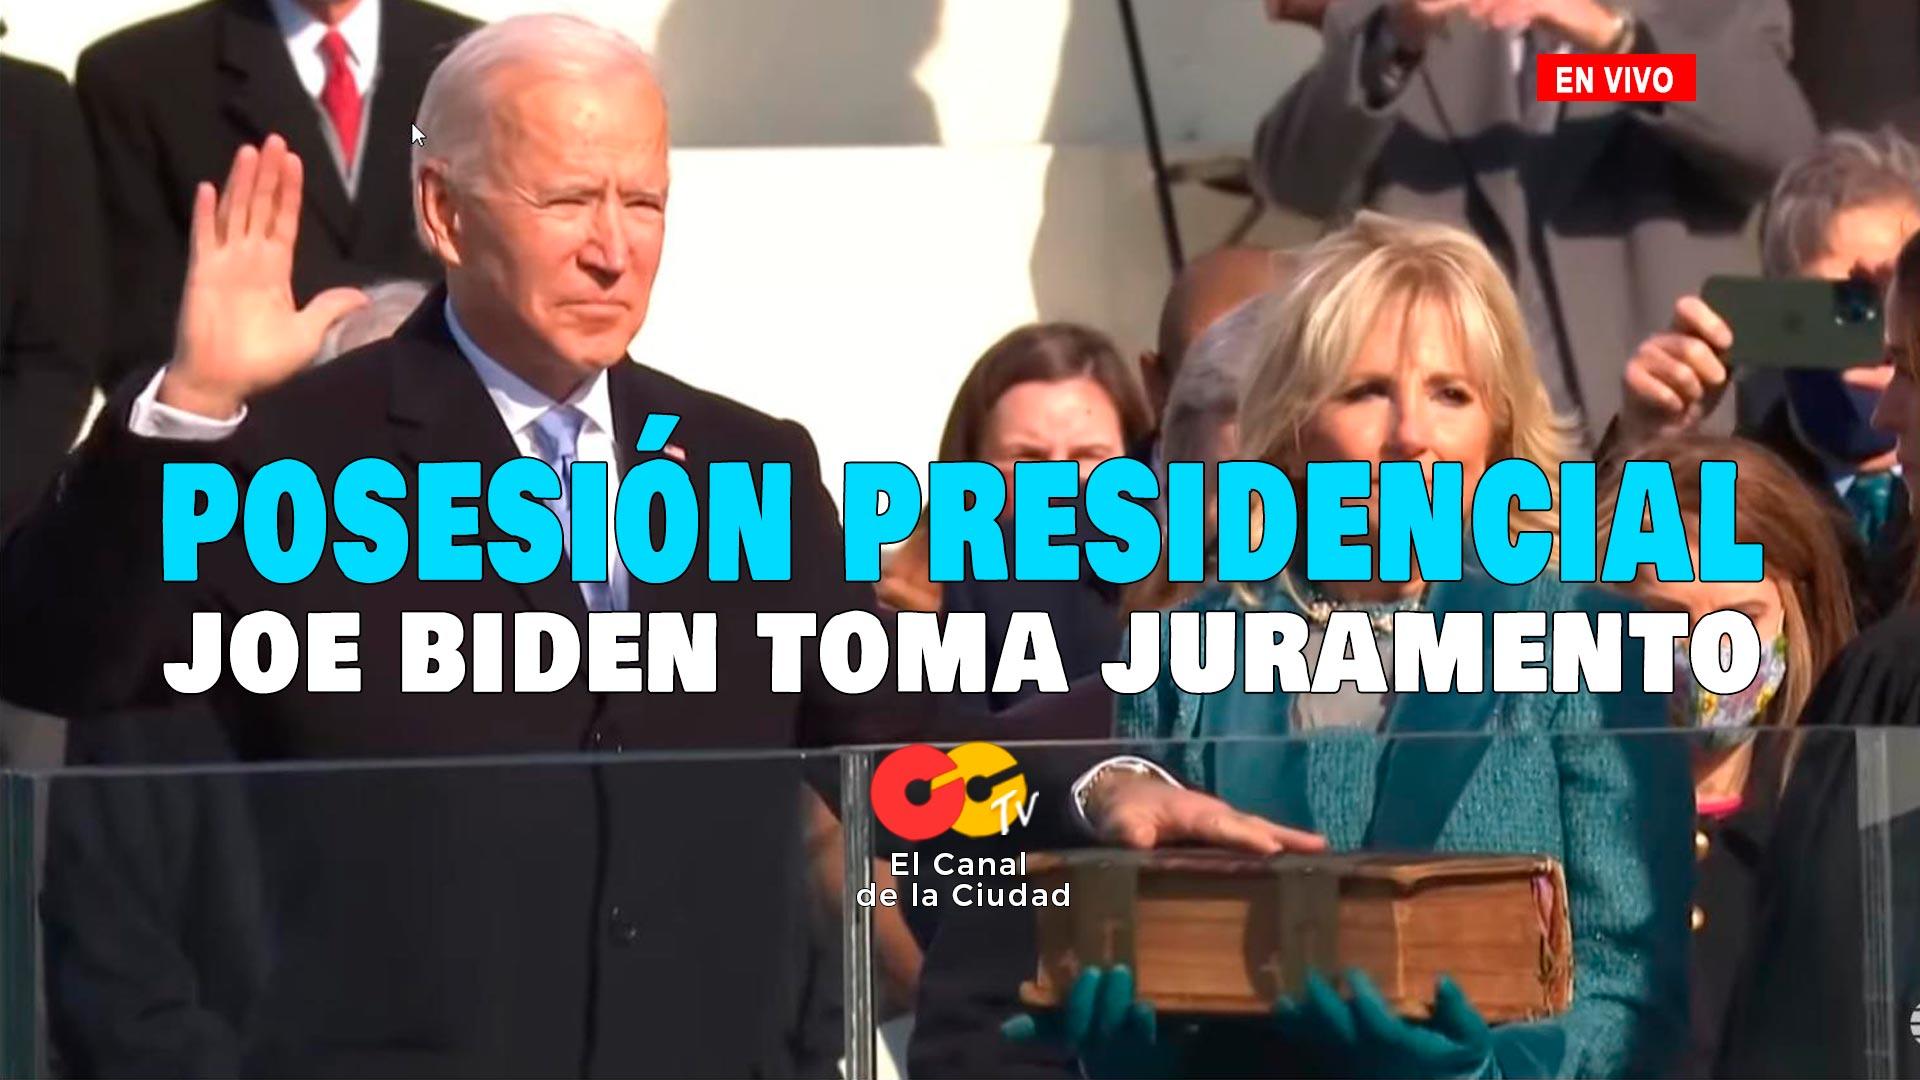 JOe Biden en vivo